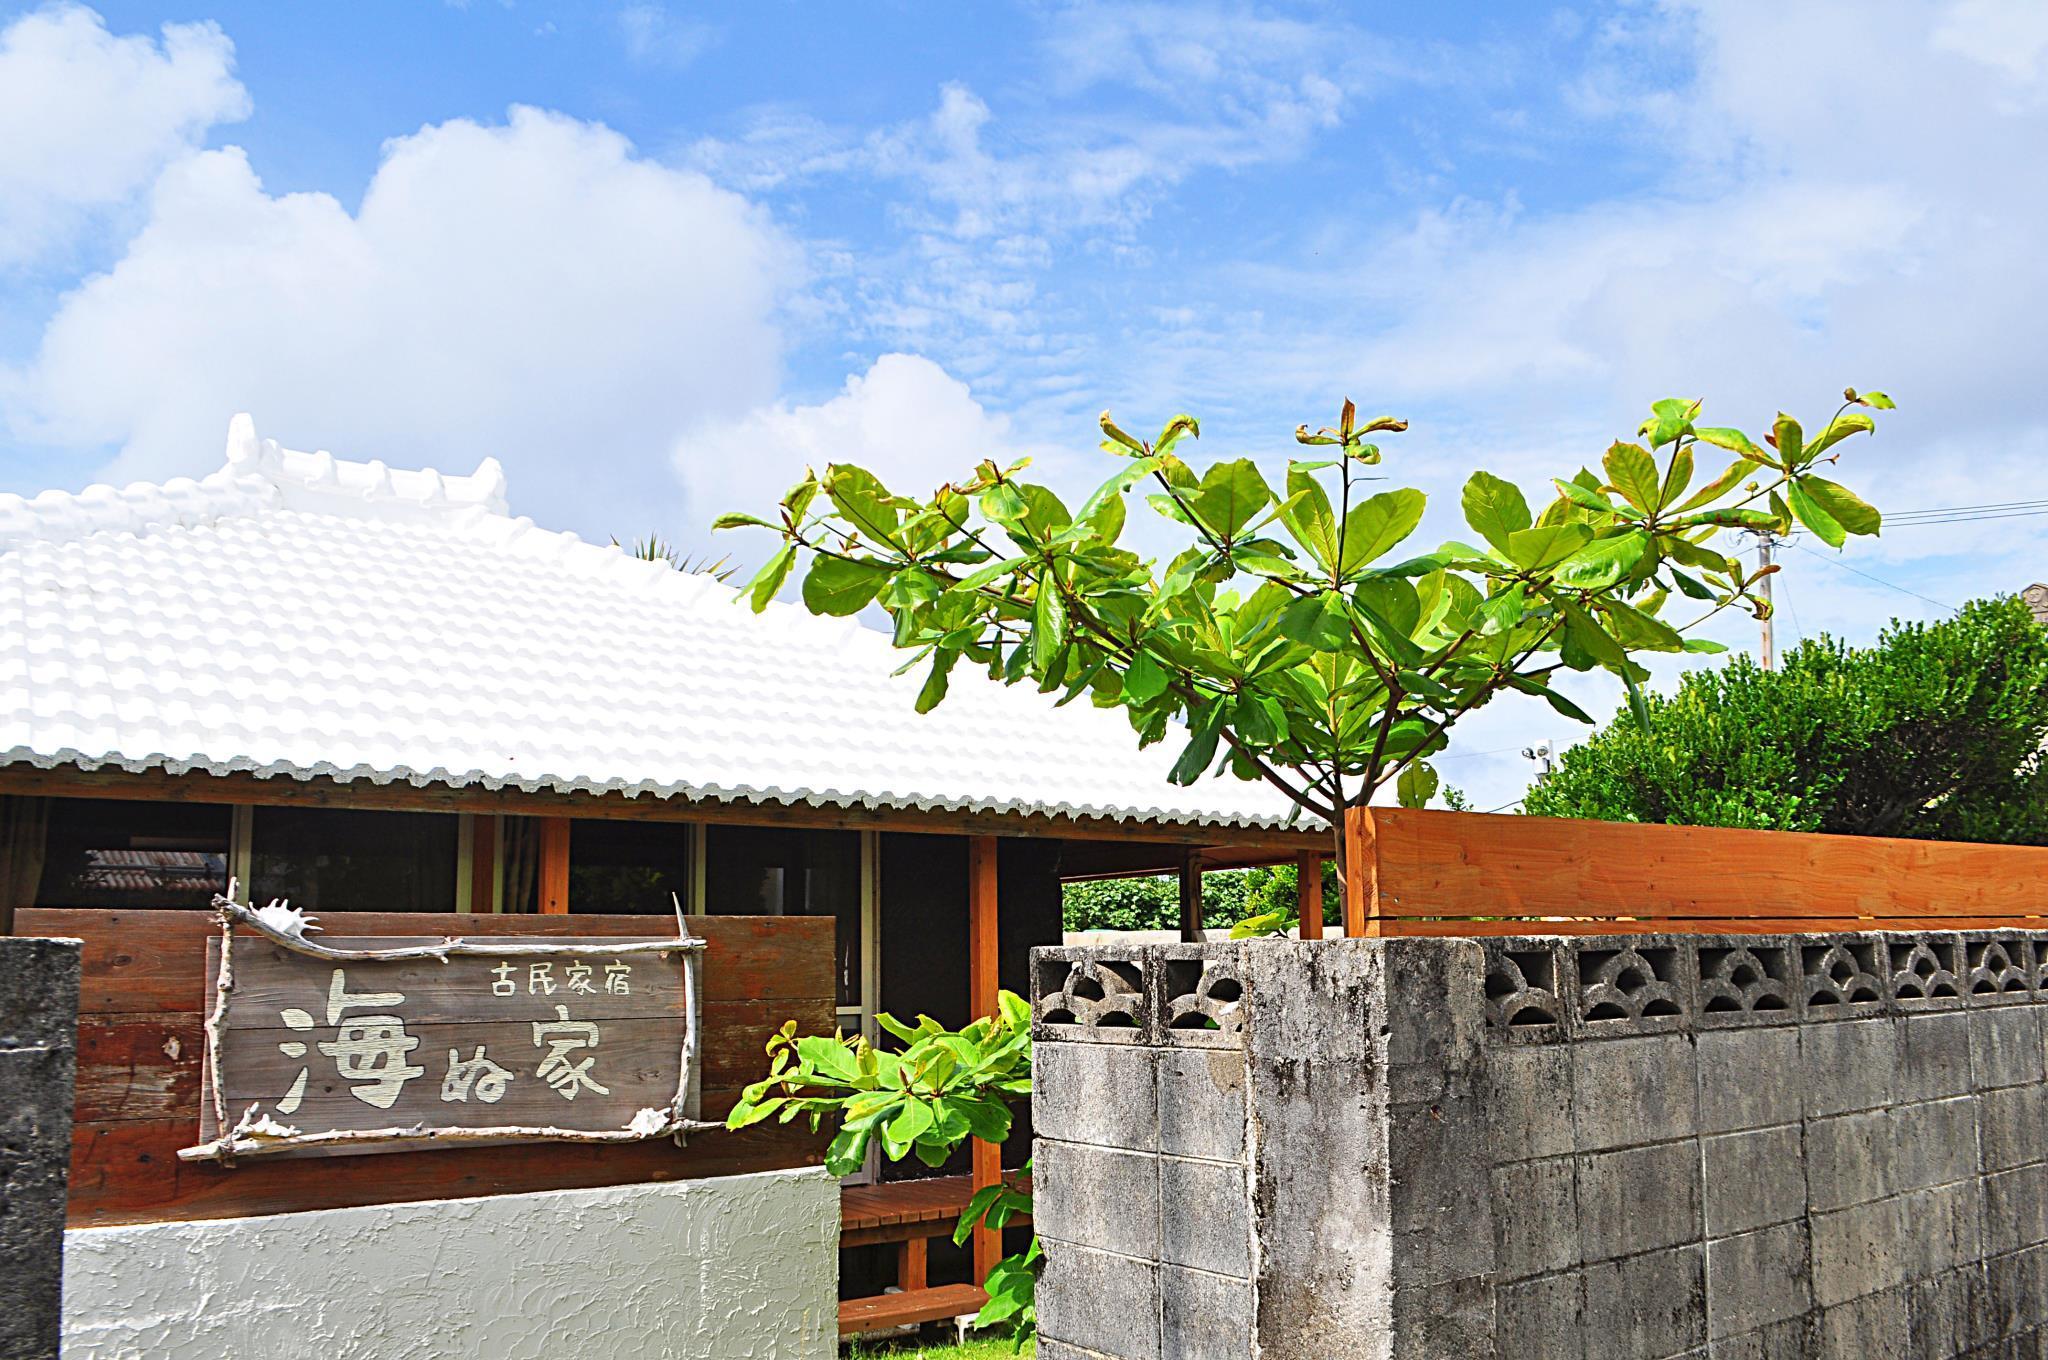 Uminuya